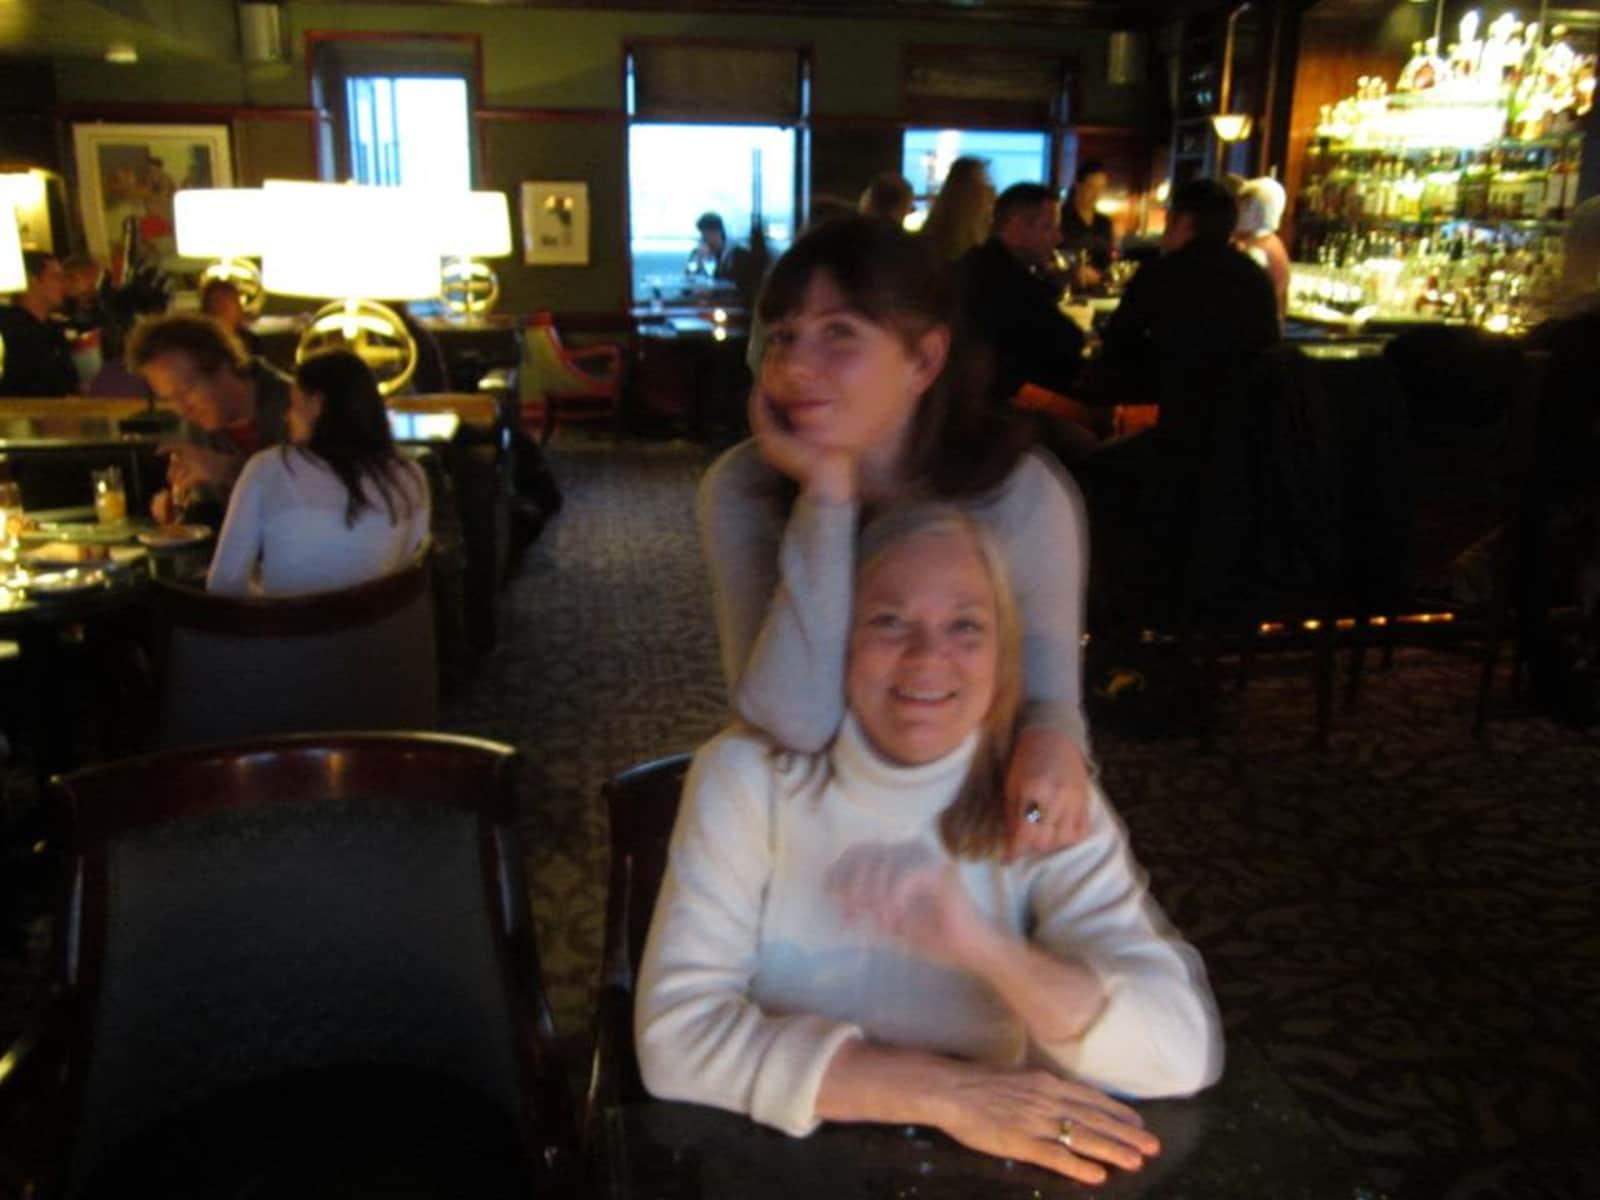 Rosemary from Toronto, Ontario, Canada